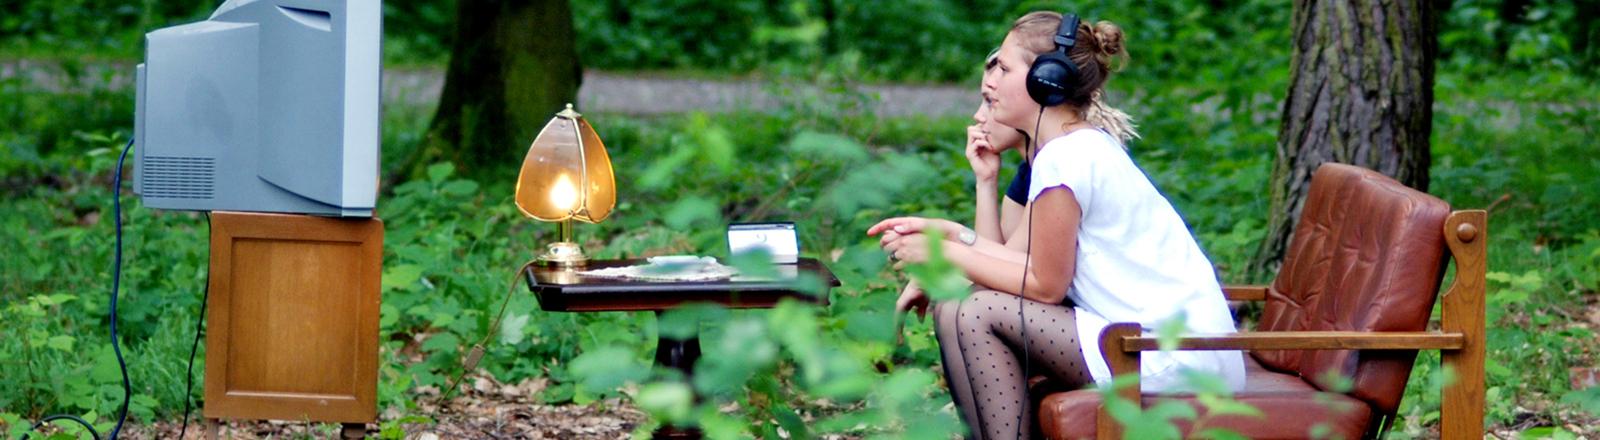 Zwei Frauen gucken TV im Wald